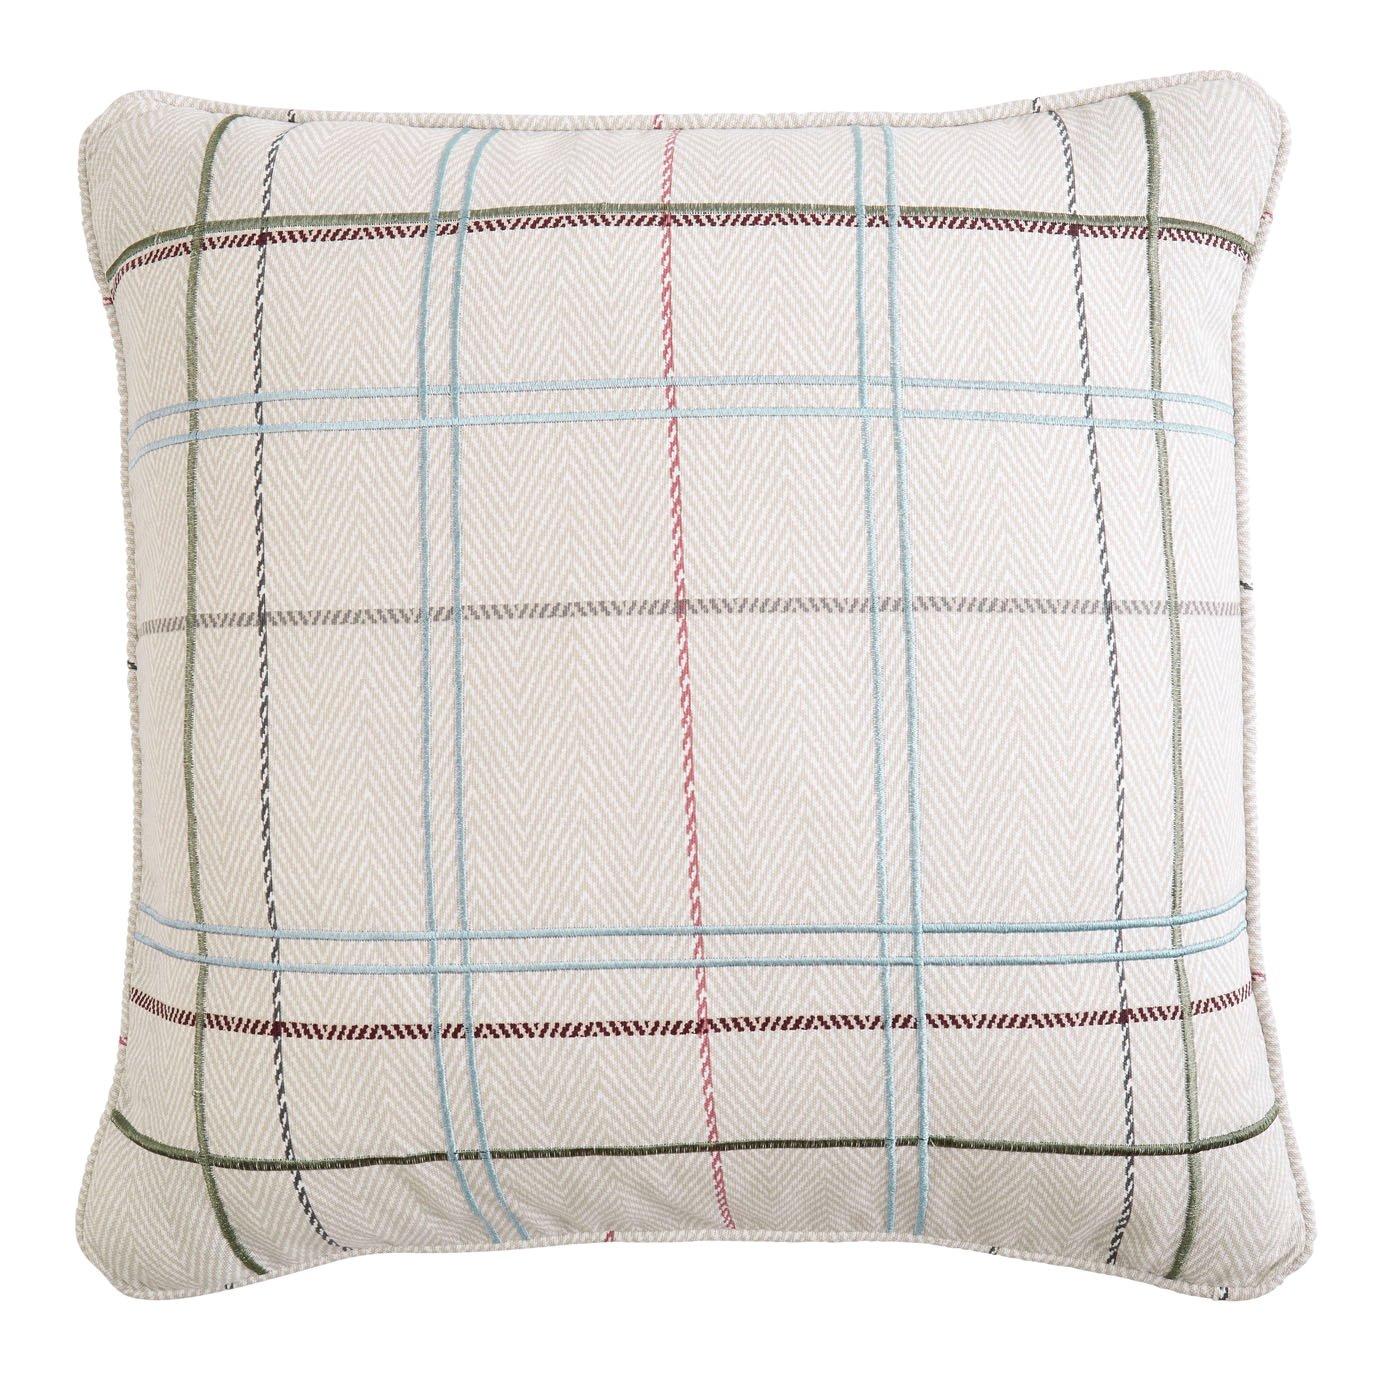 Izabelle 20X20 Decorative Pillow